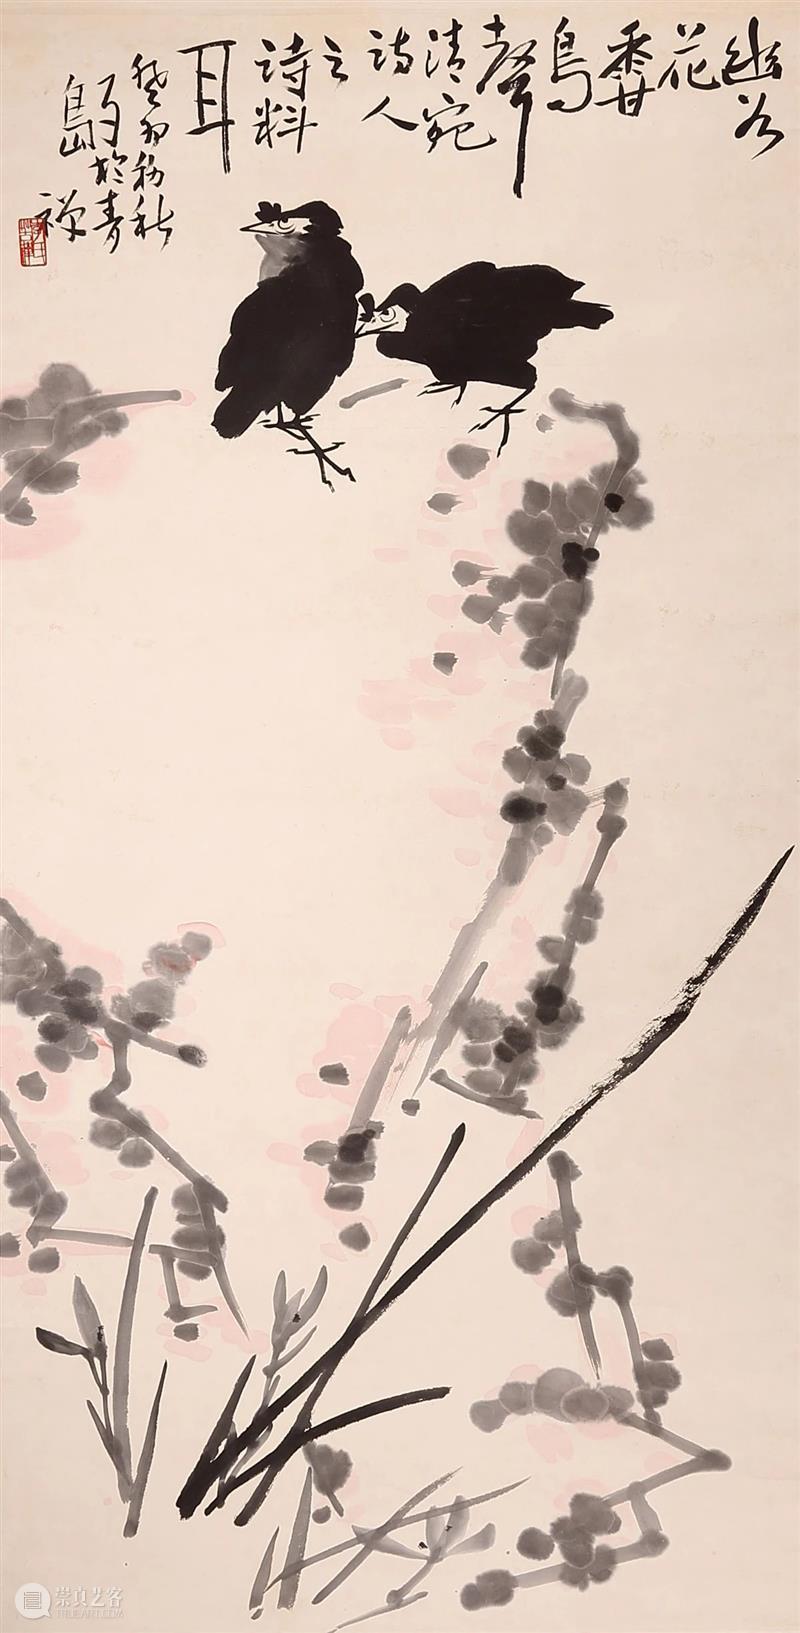 敬华网拍丨书画第二十七期 敬华 书画 二维码 预展 艺术 空间 唐云 寿星 镜框 古仪 崇真艺客